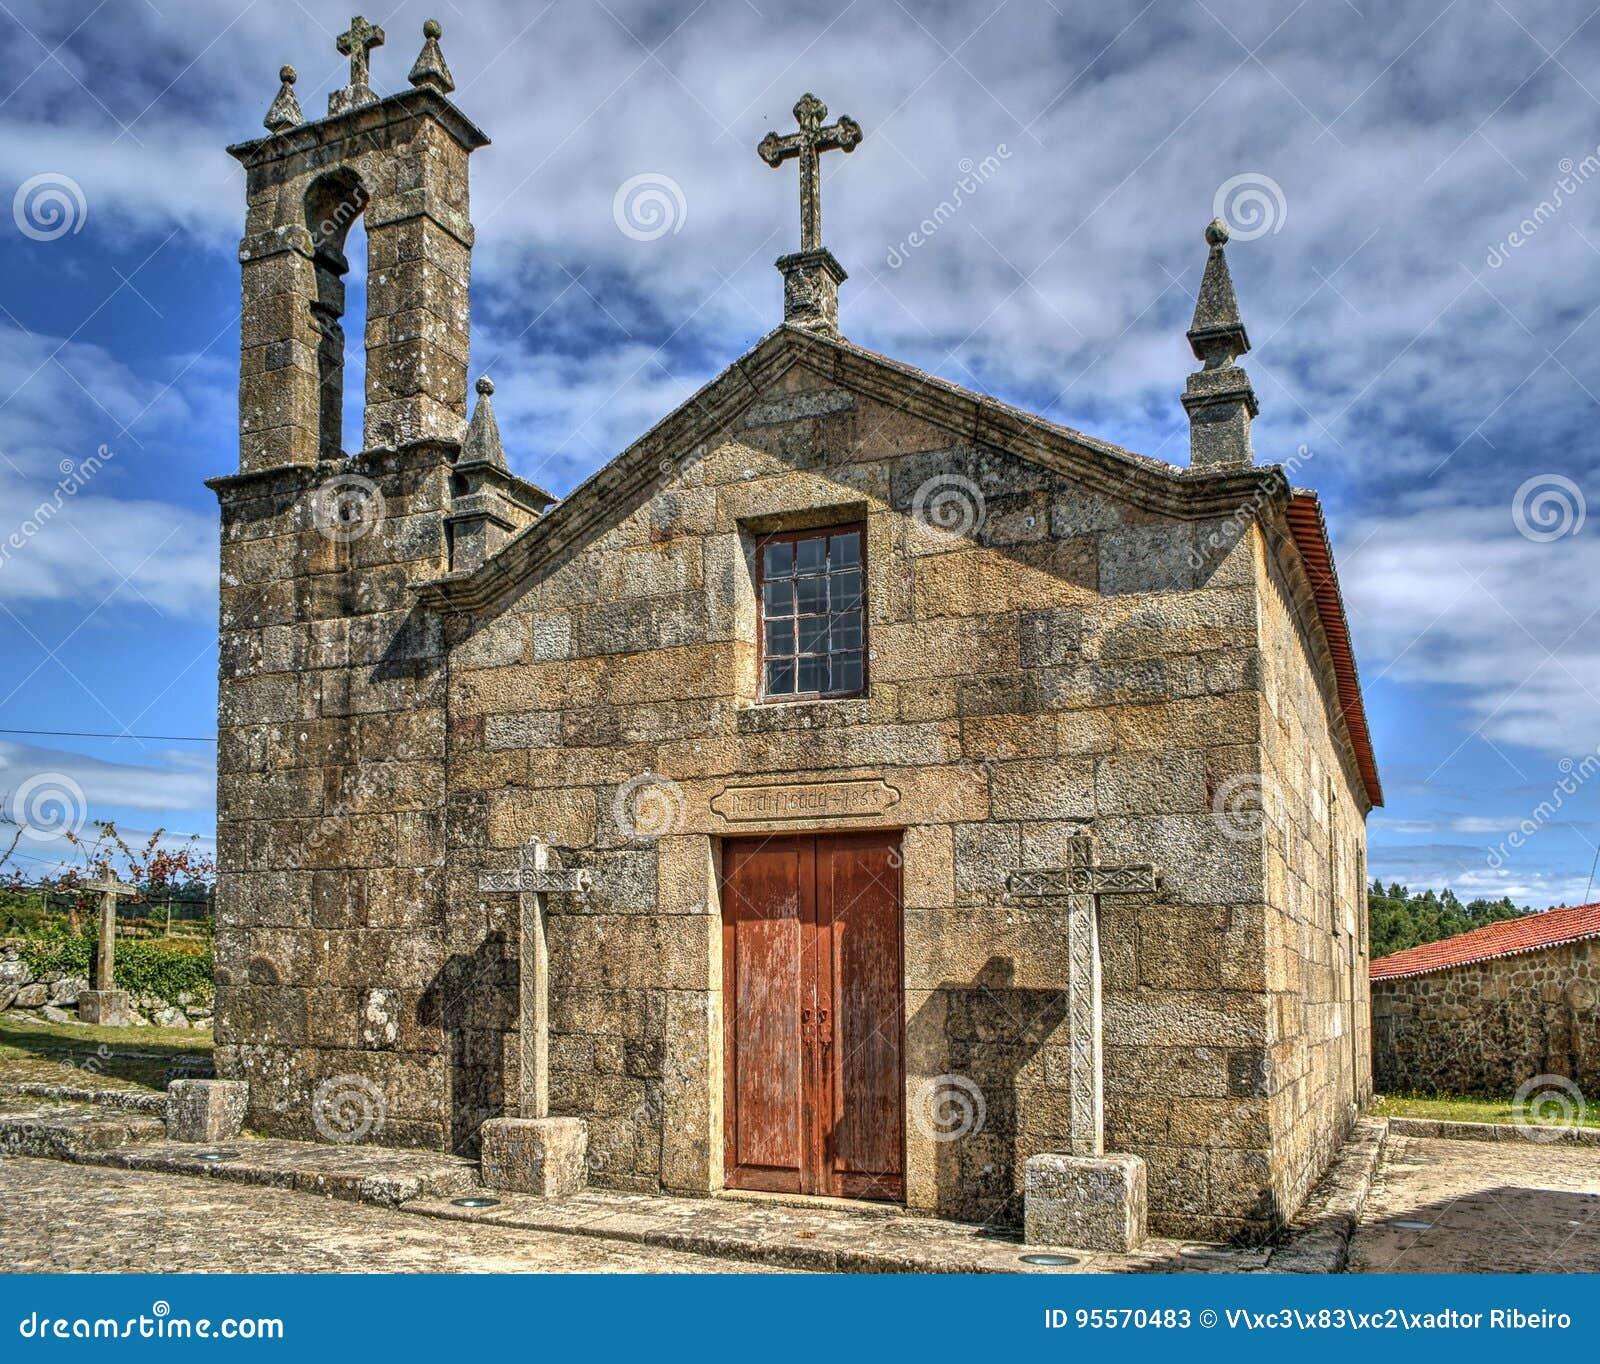 Old church of Sanfins de Ferreira